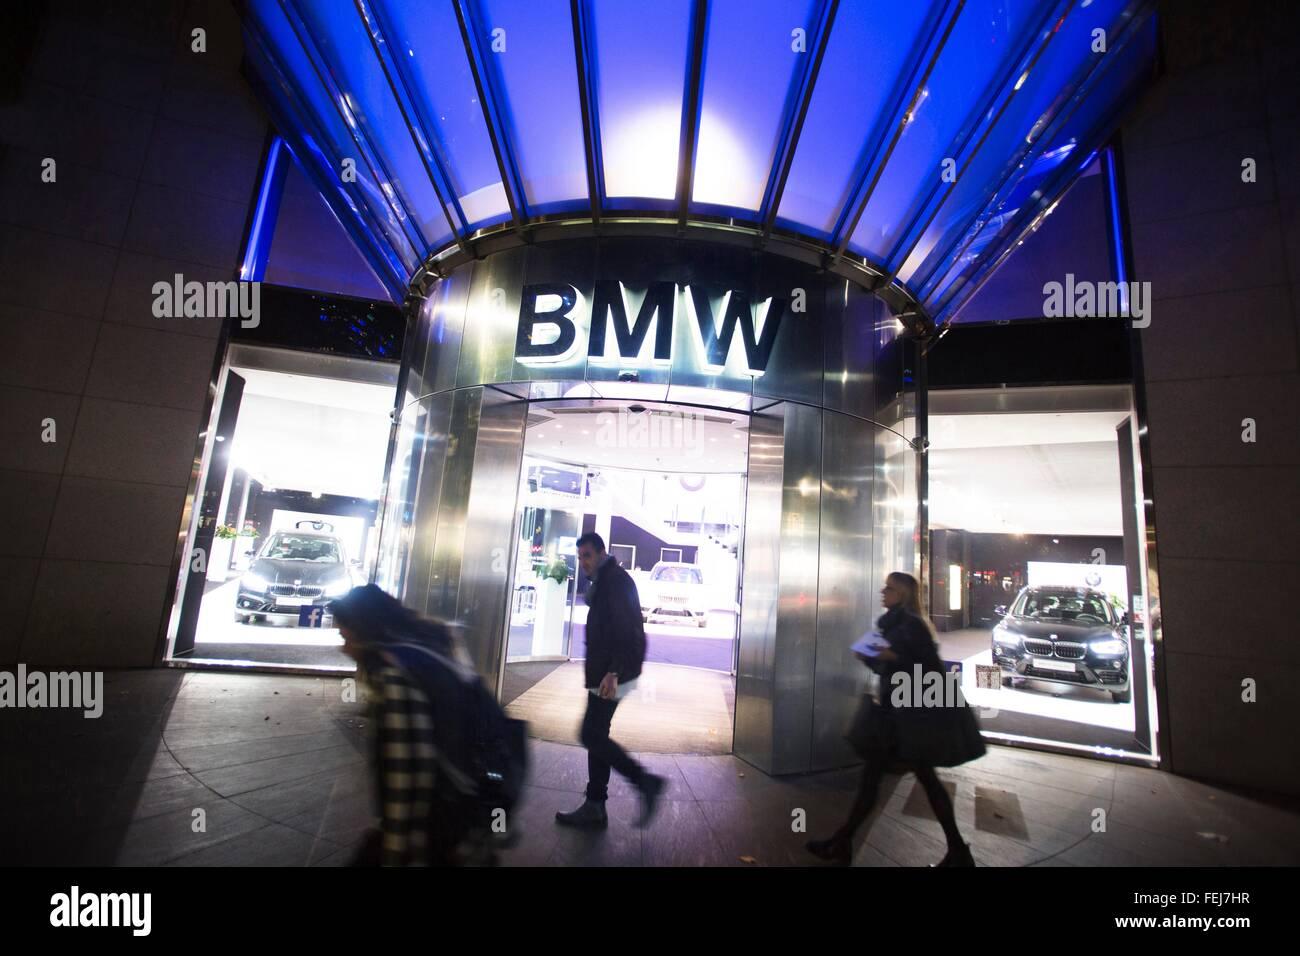 The Bayerische Motoren Werke Aktiengesellschaft Bmw Ag Is The